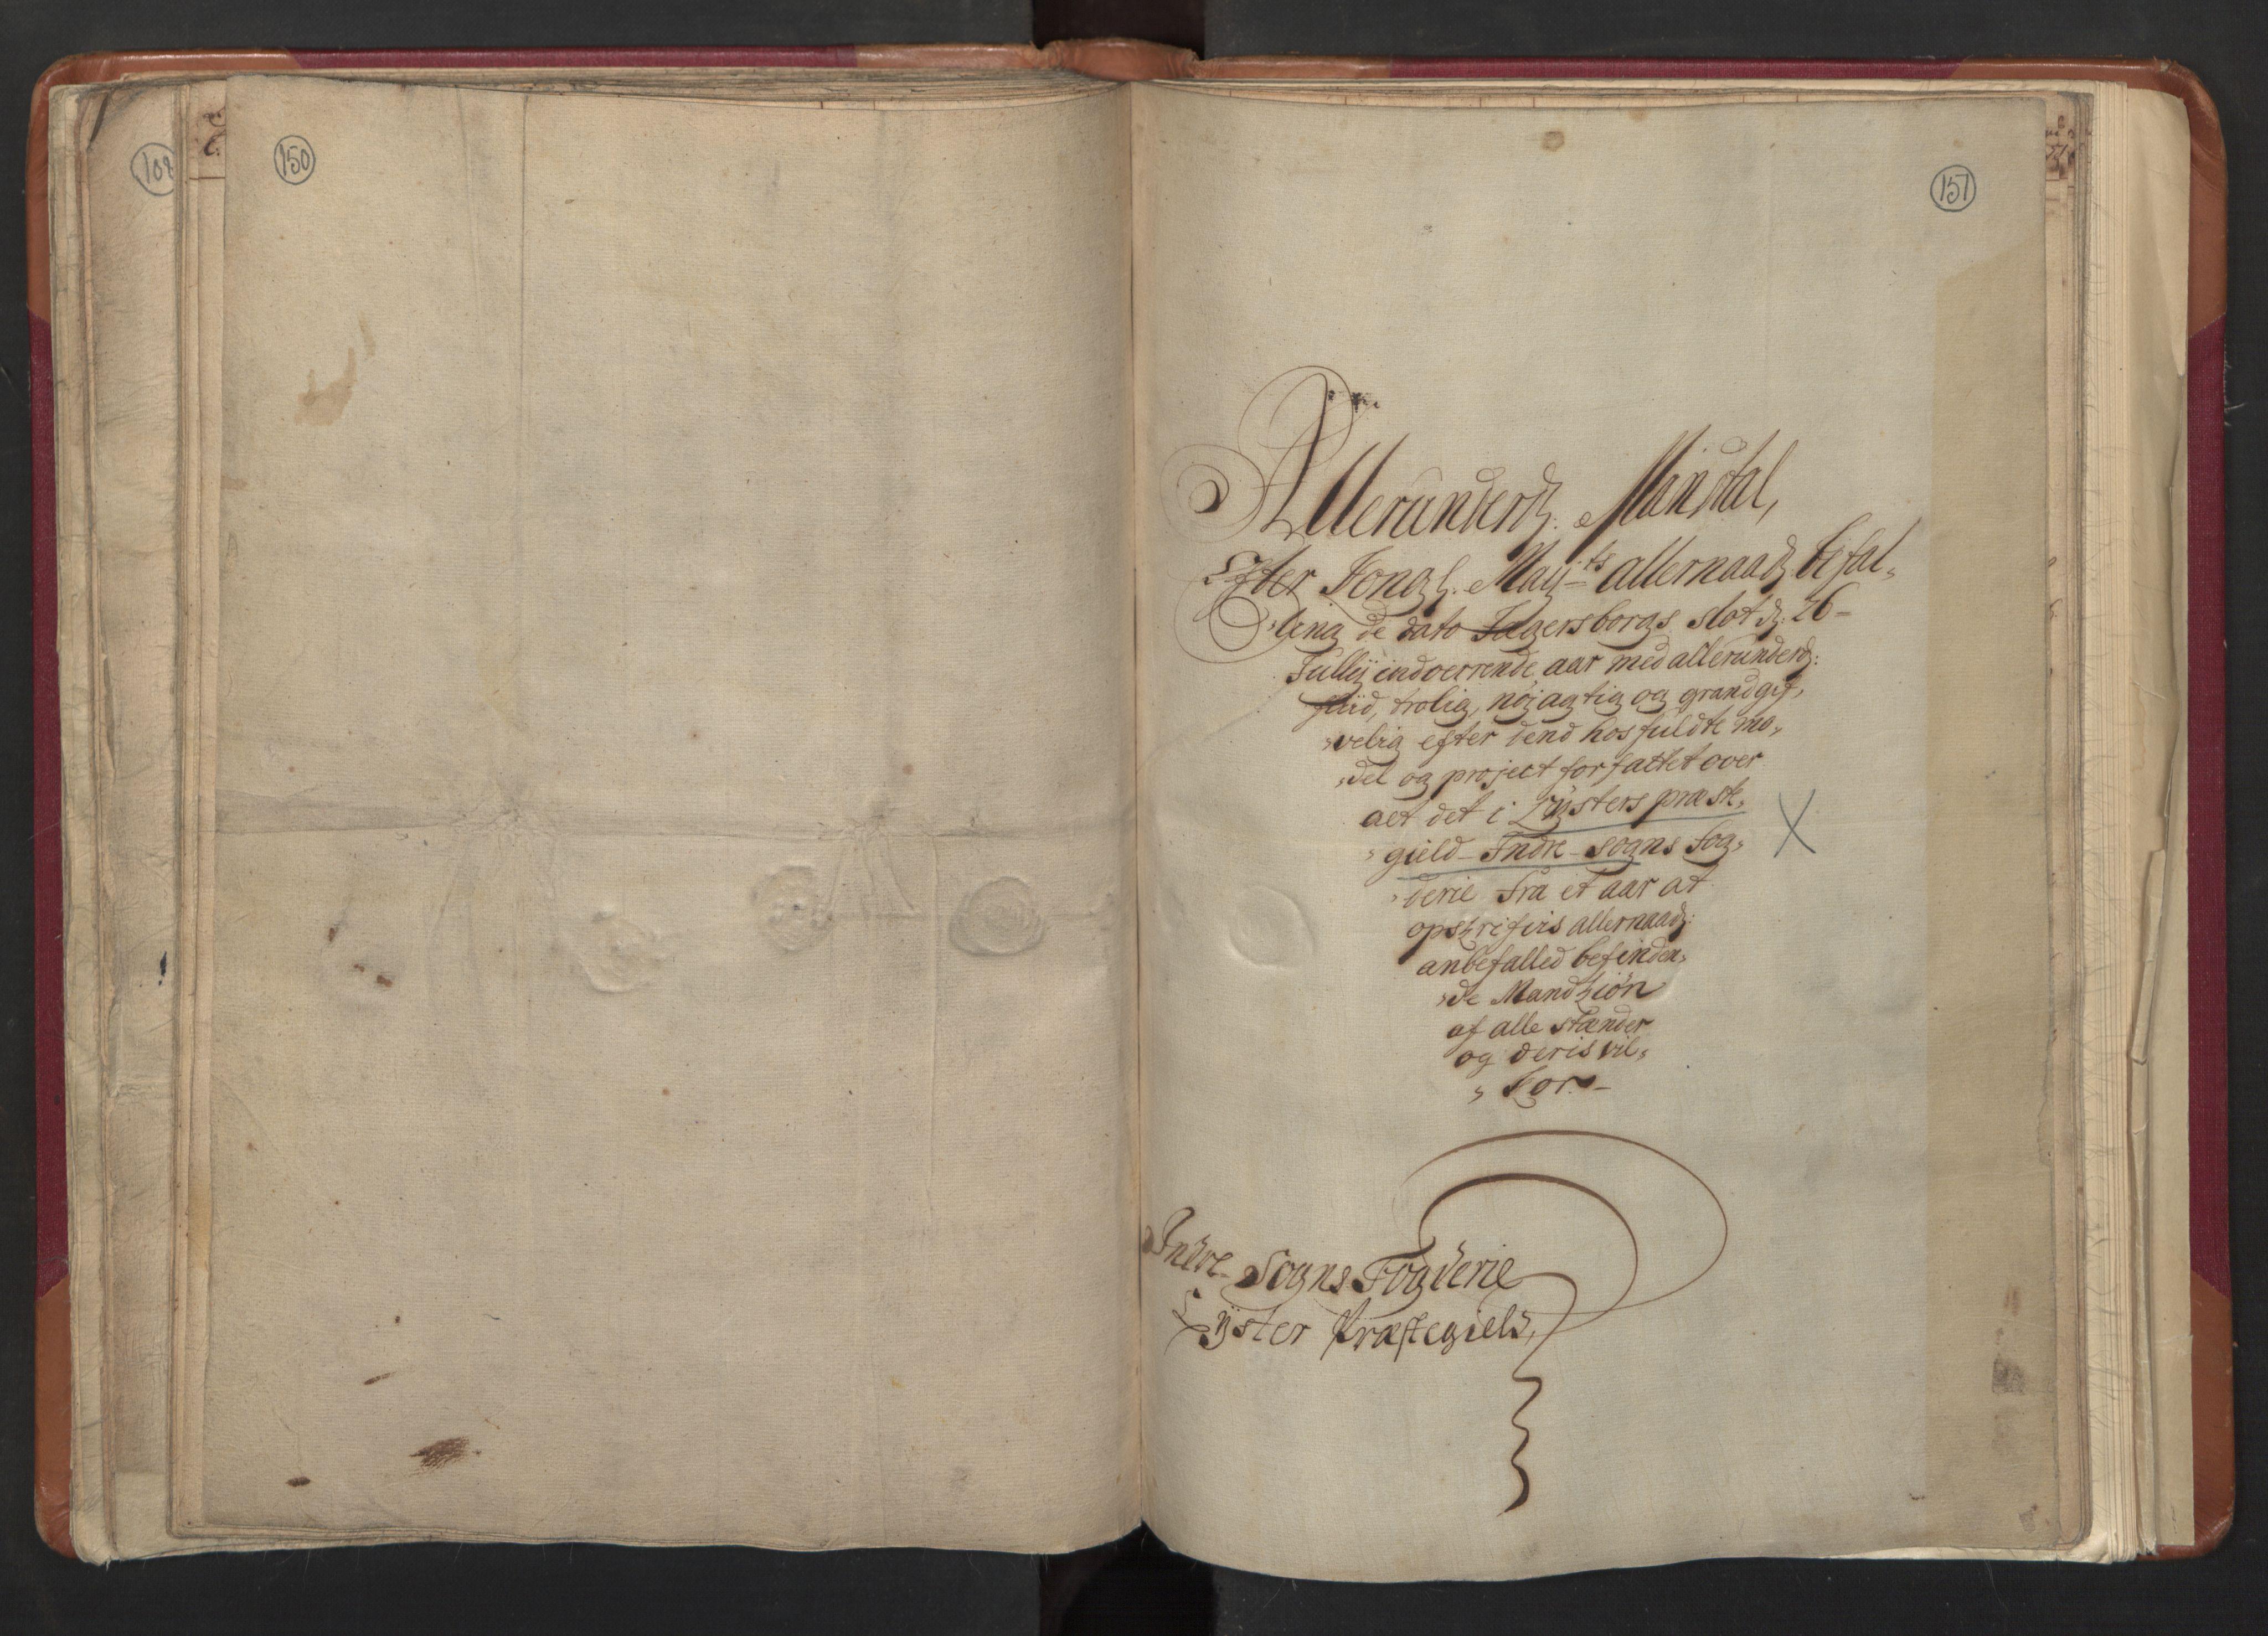 RA, Manntallet 1701, nr. 8: Ytre Sogn fogderi og Indre Sogn fogderi, 1701, s. 150-151